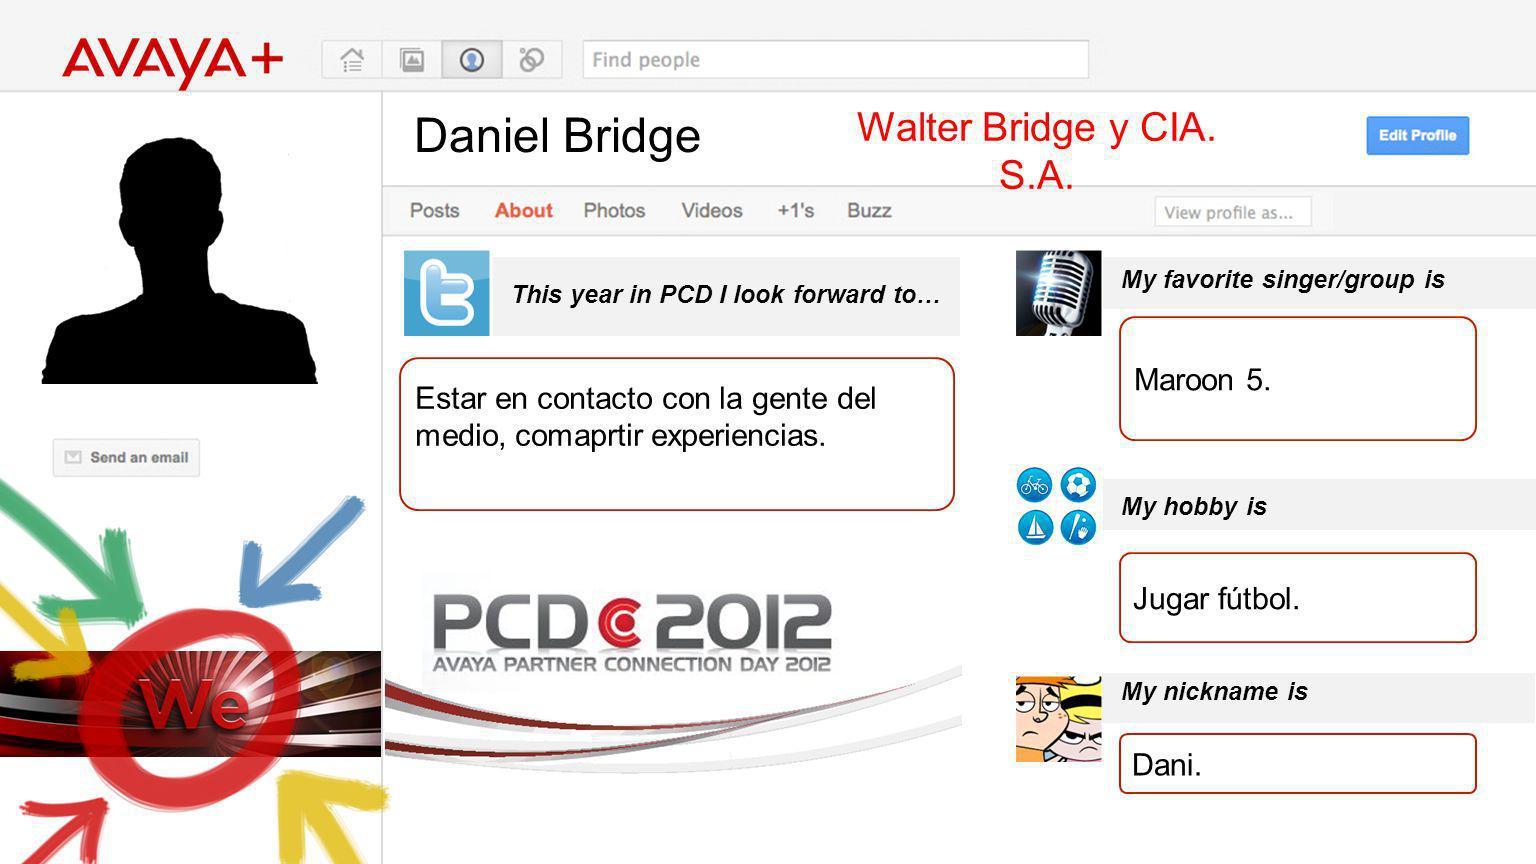 Daniel Bridge This year in PCD I look forward to… Walter Bridge y CIA. S.A. Estar en contacto con la gente del medio, comaprtir experiencias. My favor